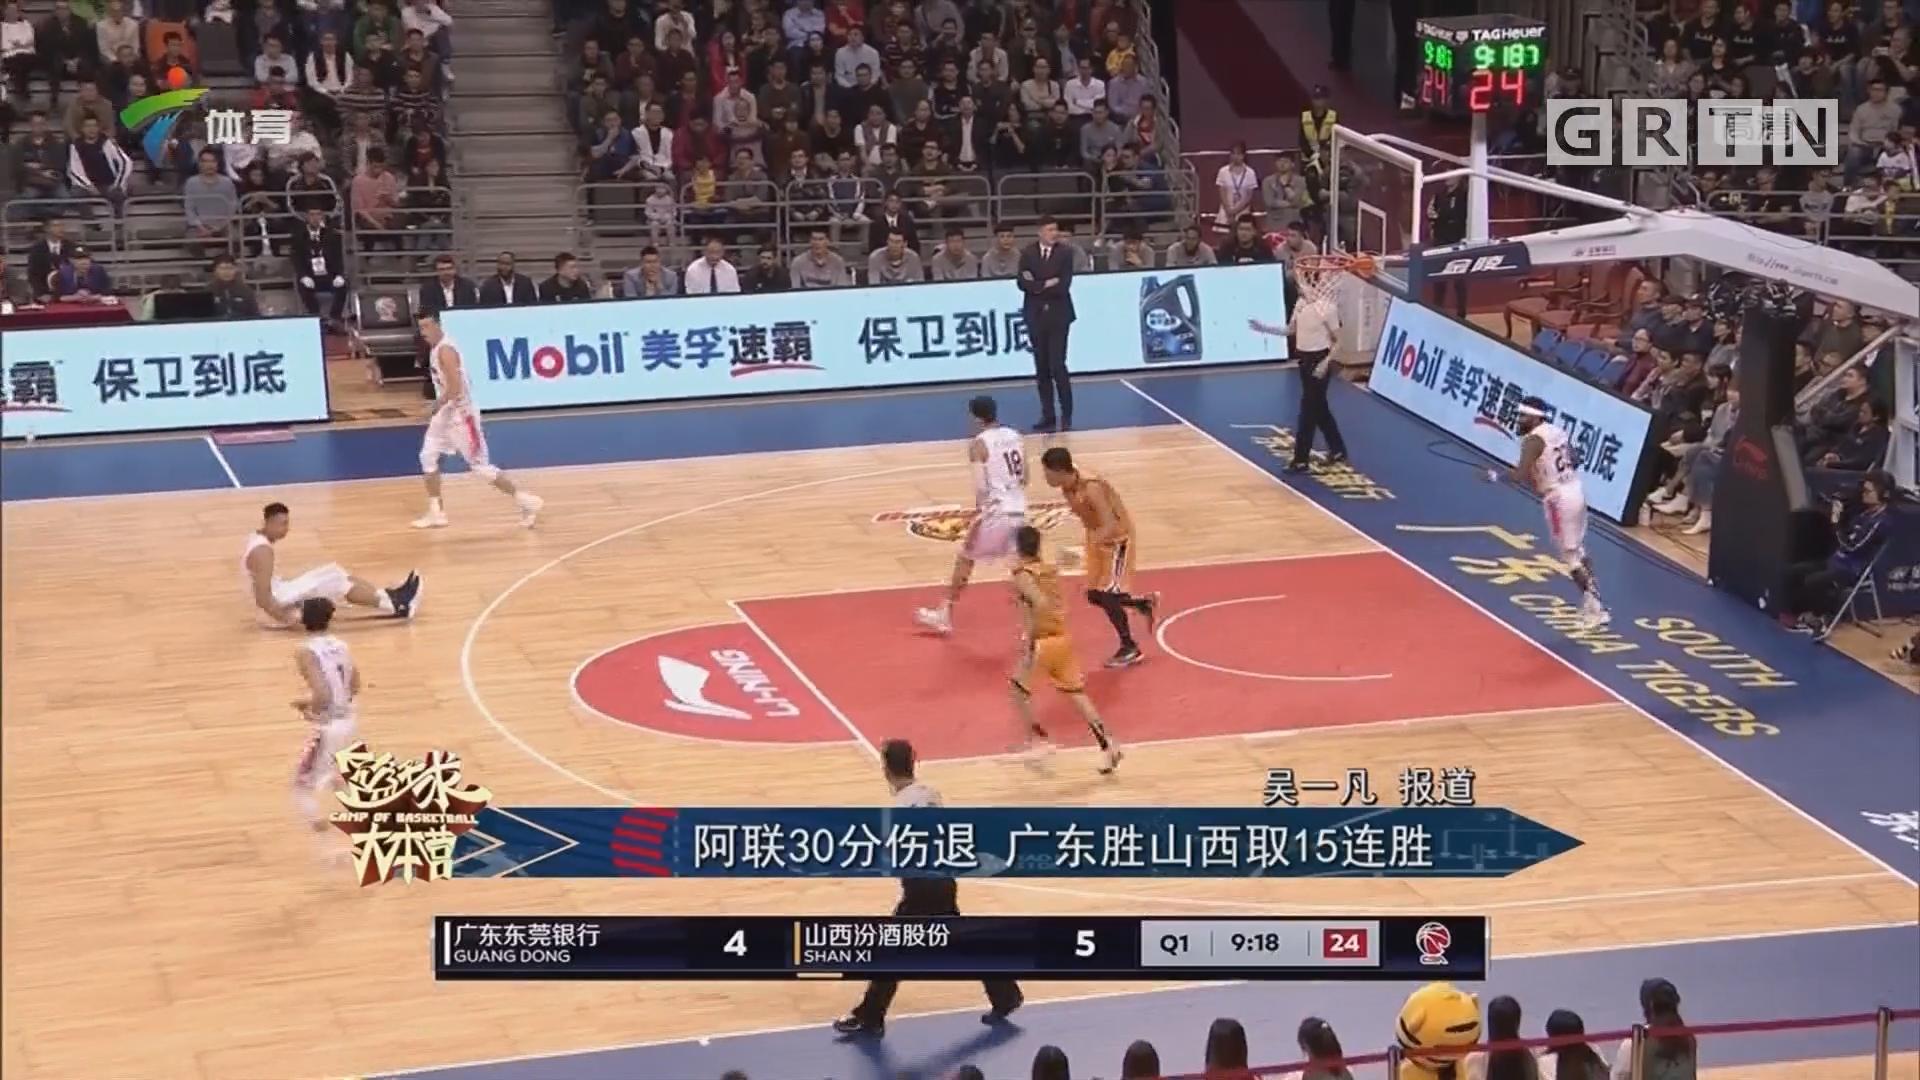 阿联30分伤退 广东胜山西取15连胜